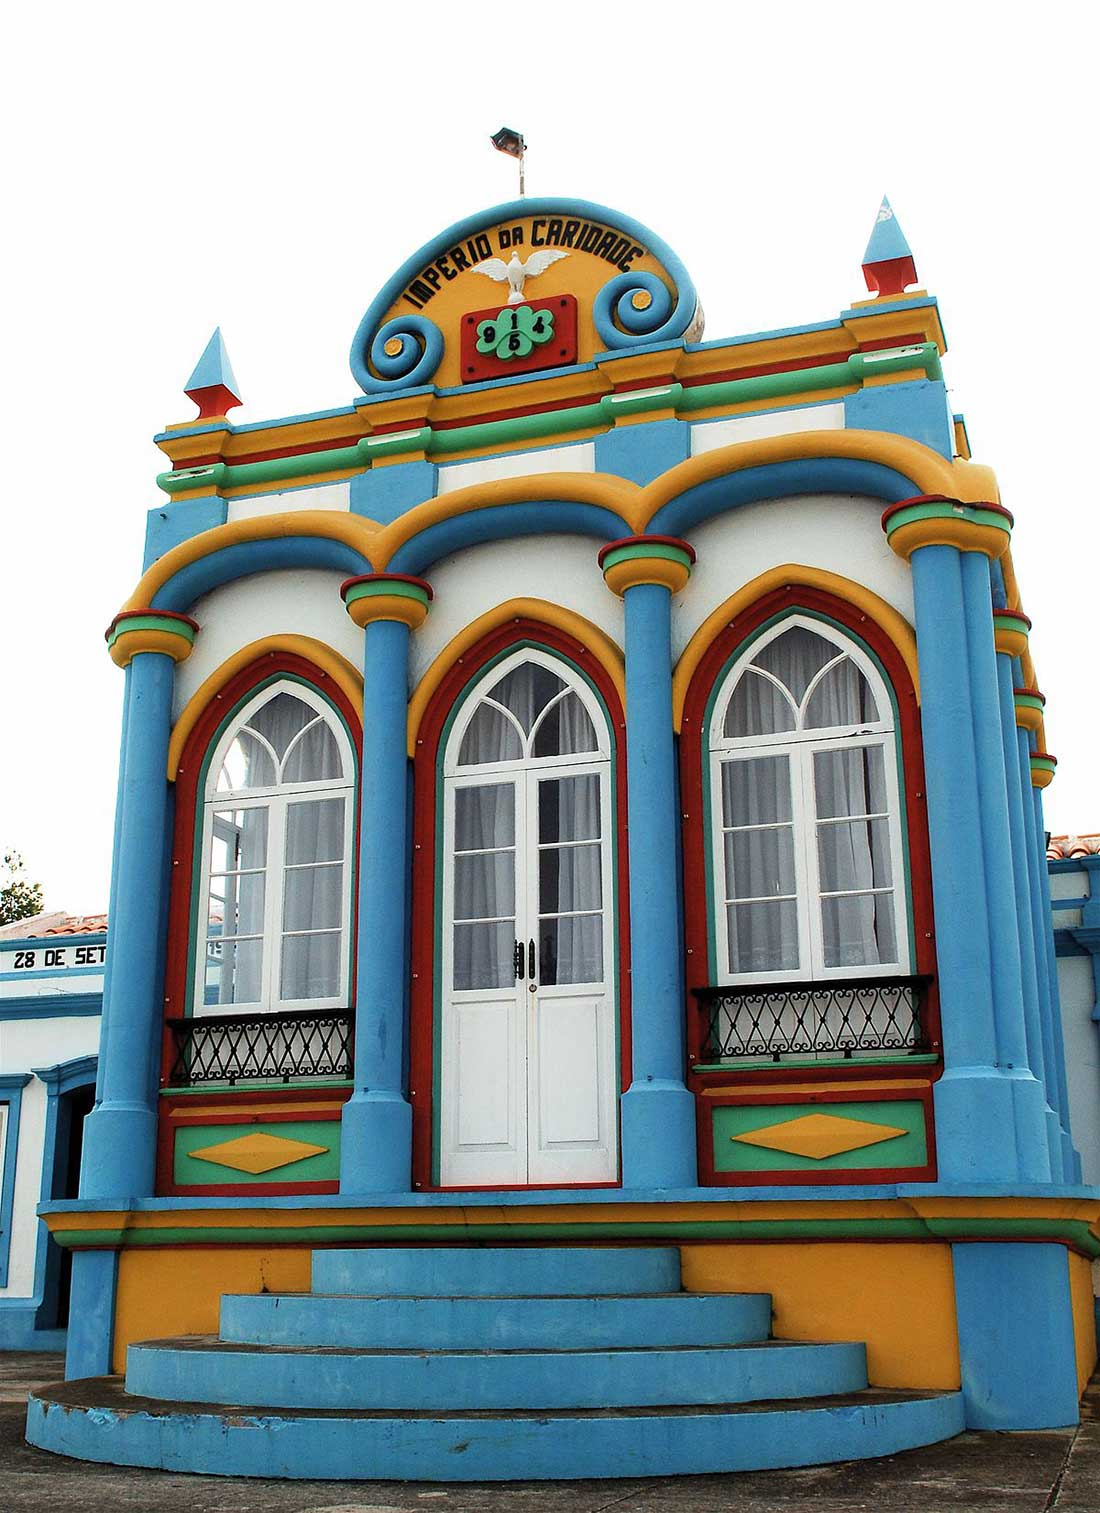 Imperio da Caridade en la isla de Terceira